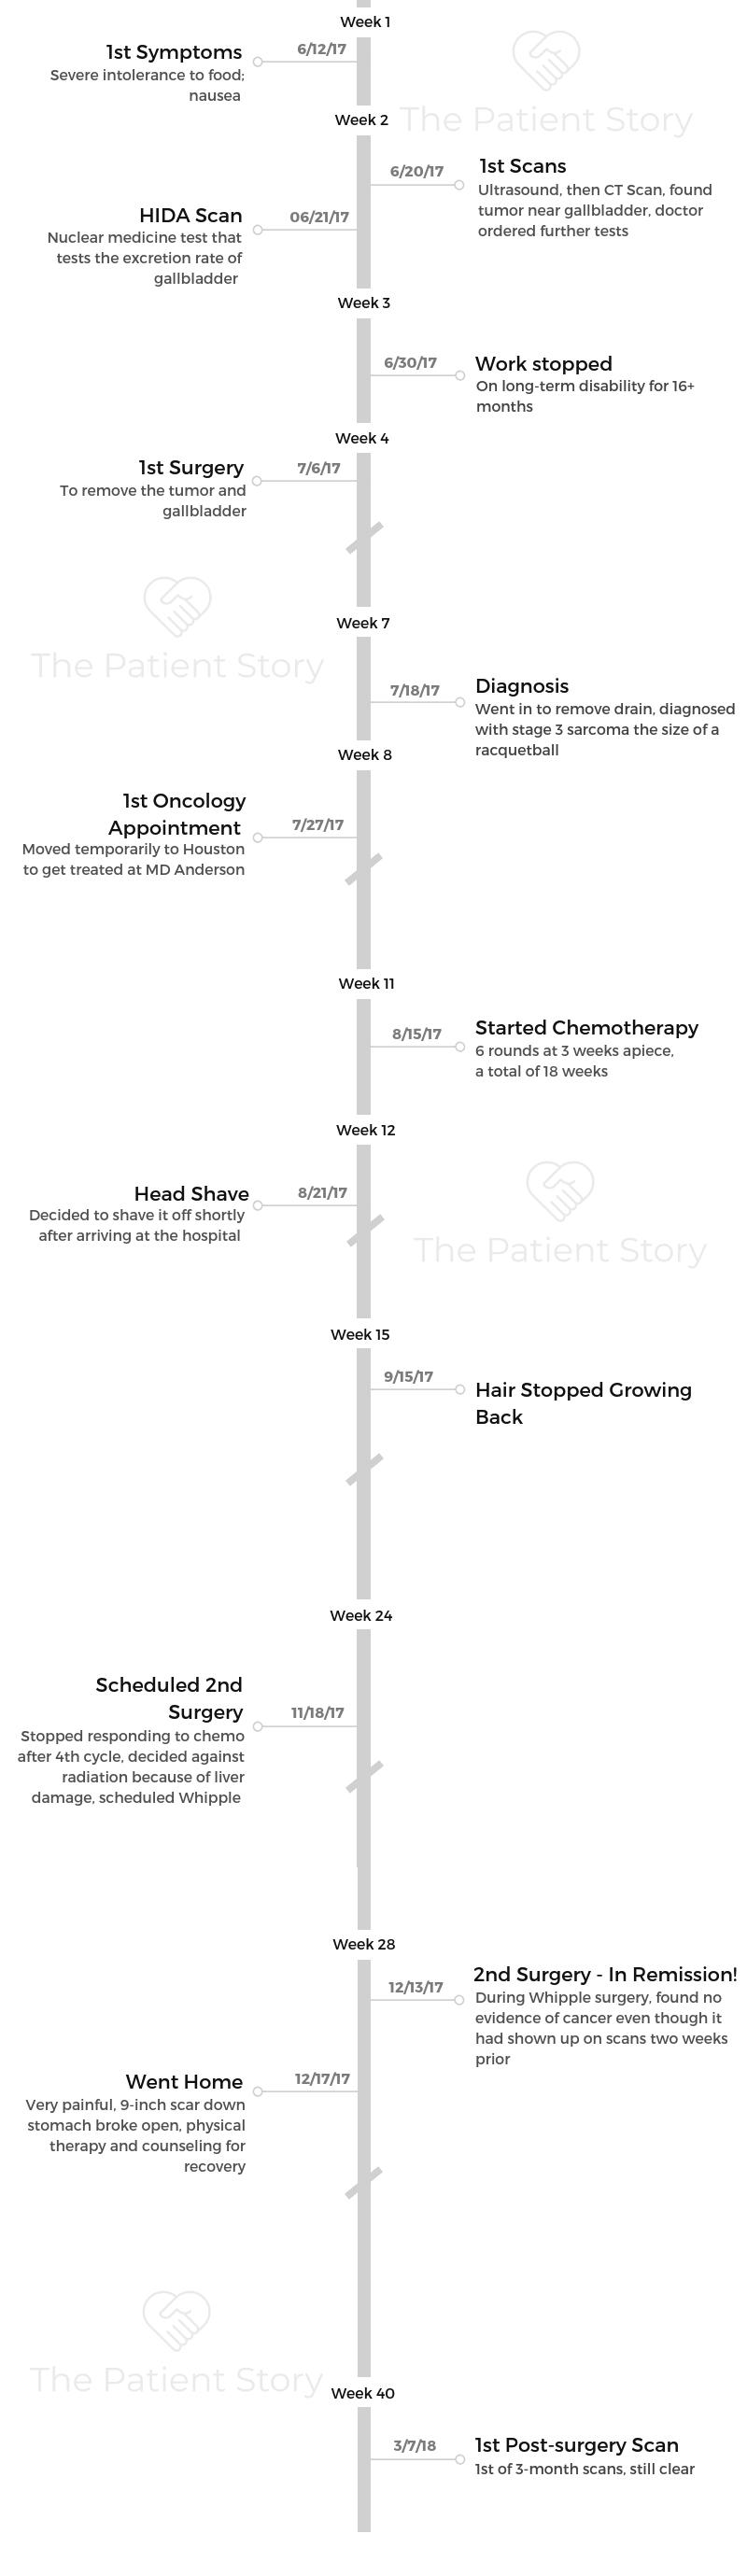 melissa-humphrey-timeline.png